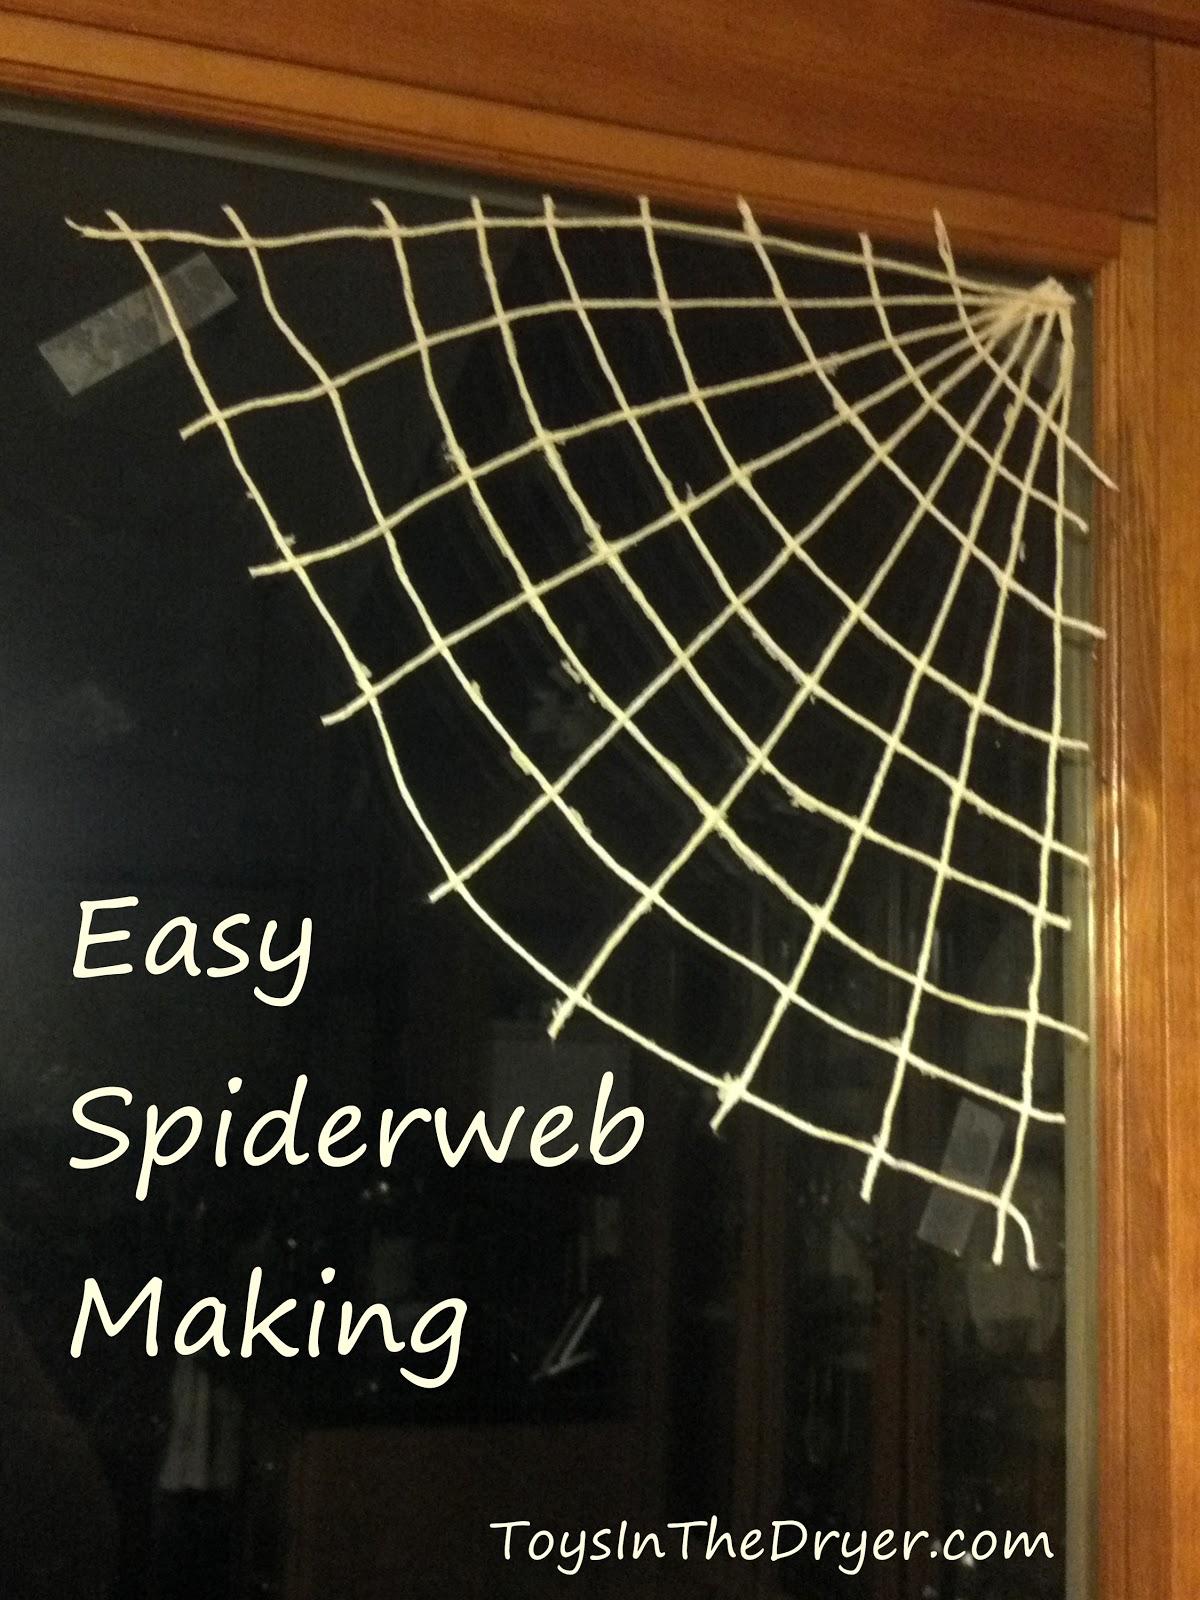 Easy Spider Webs